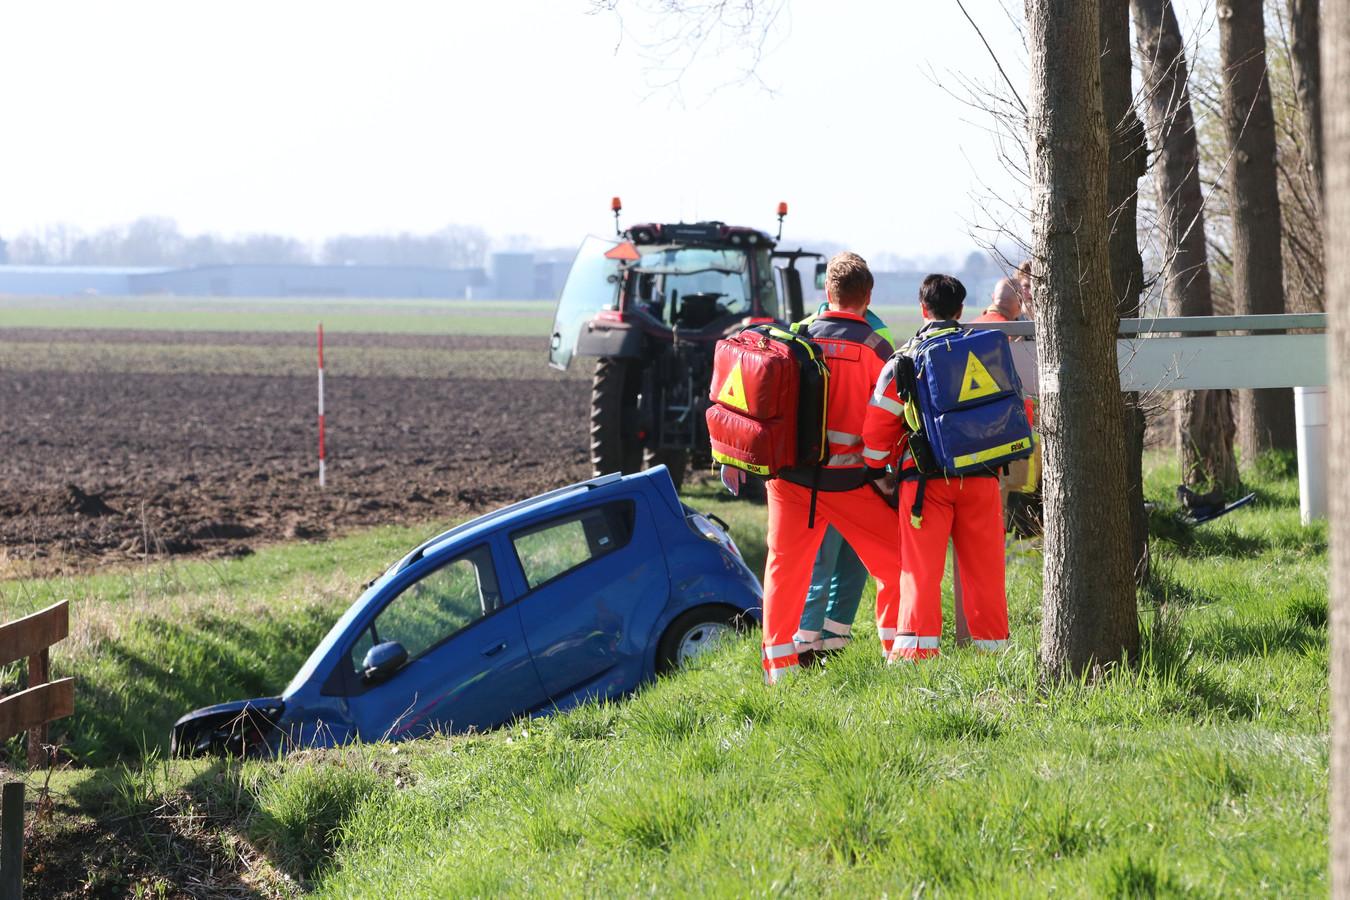 De auto kwam na de onwelwording van de bestuurder in een sloot terecht.